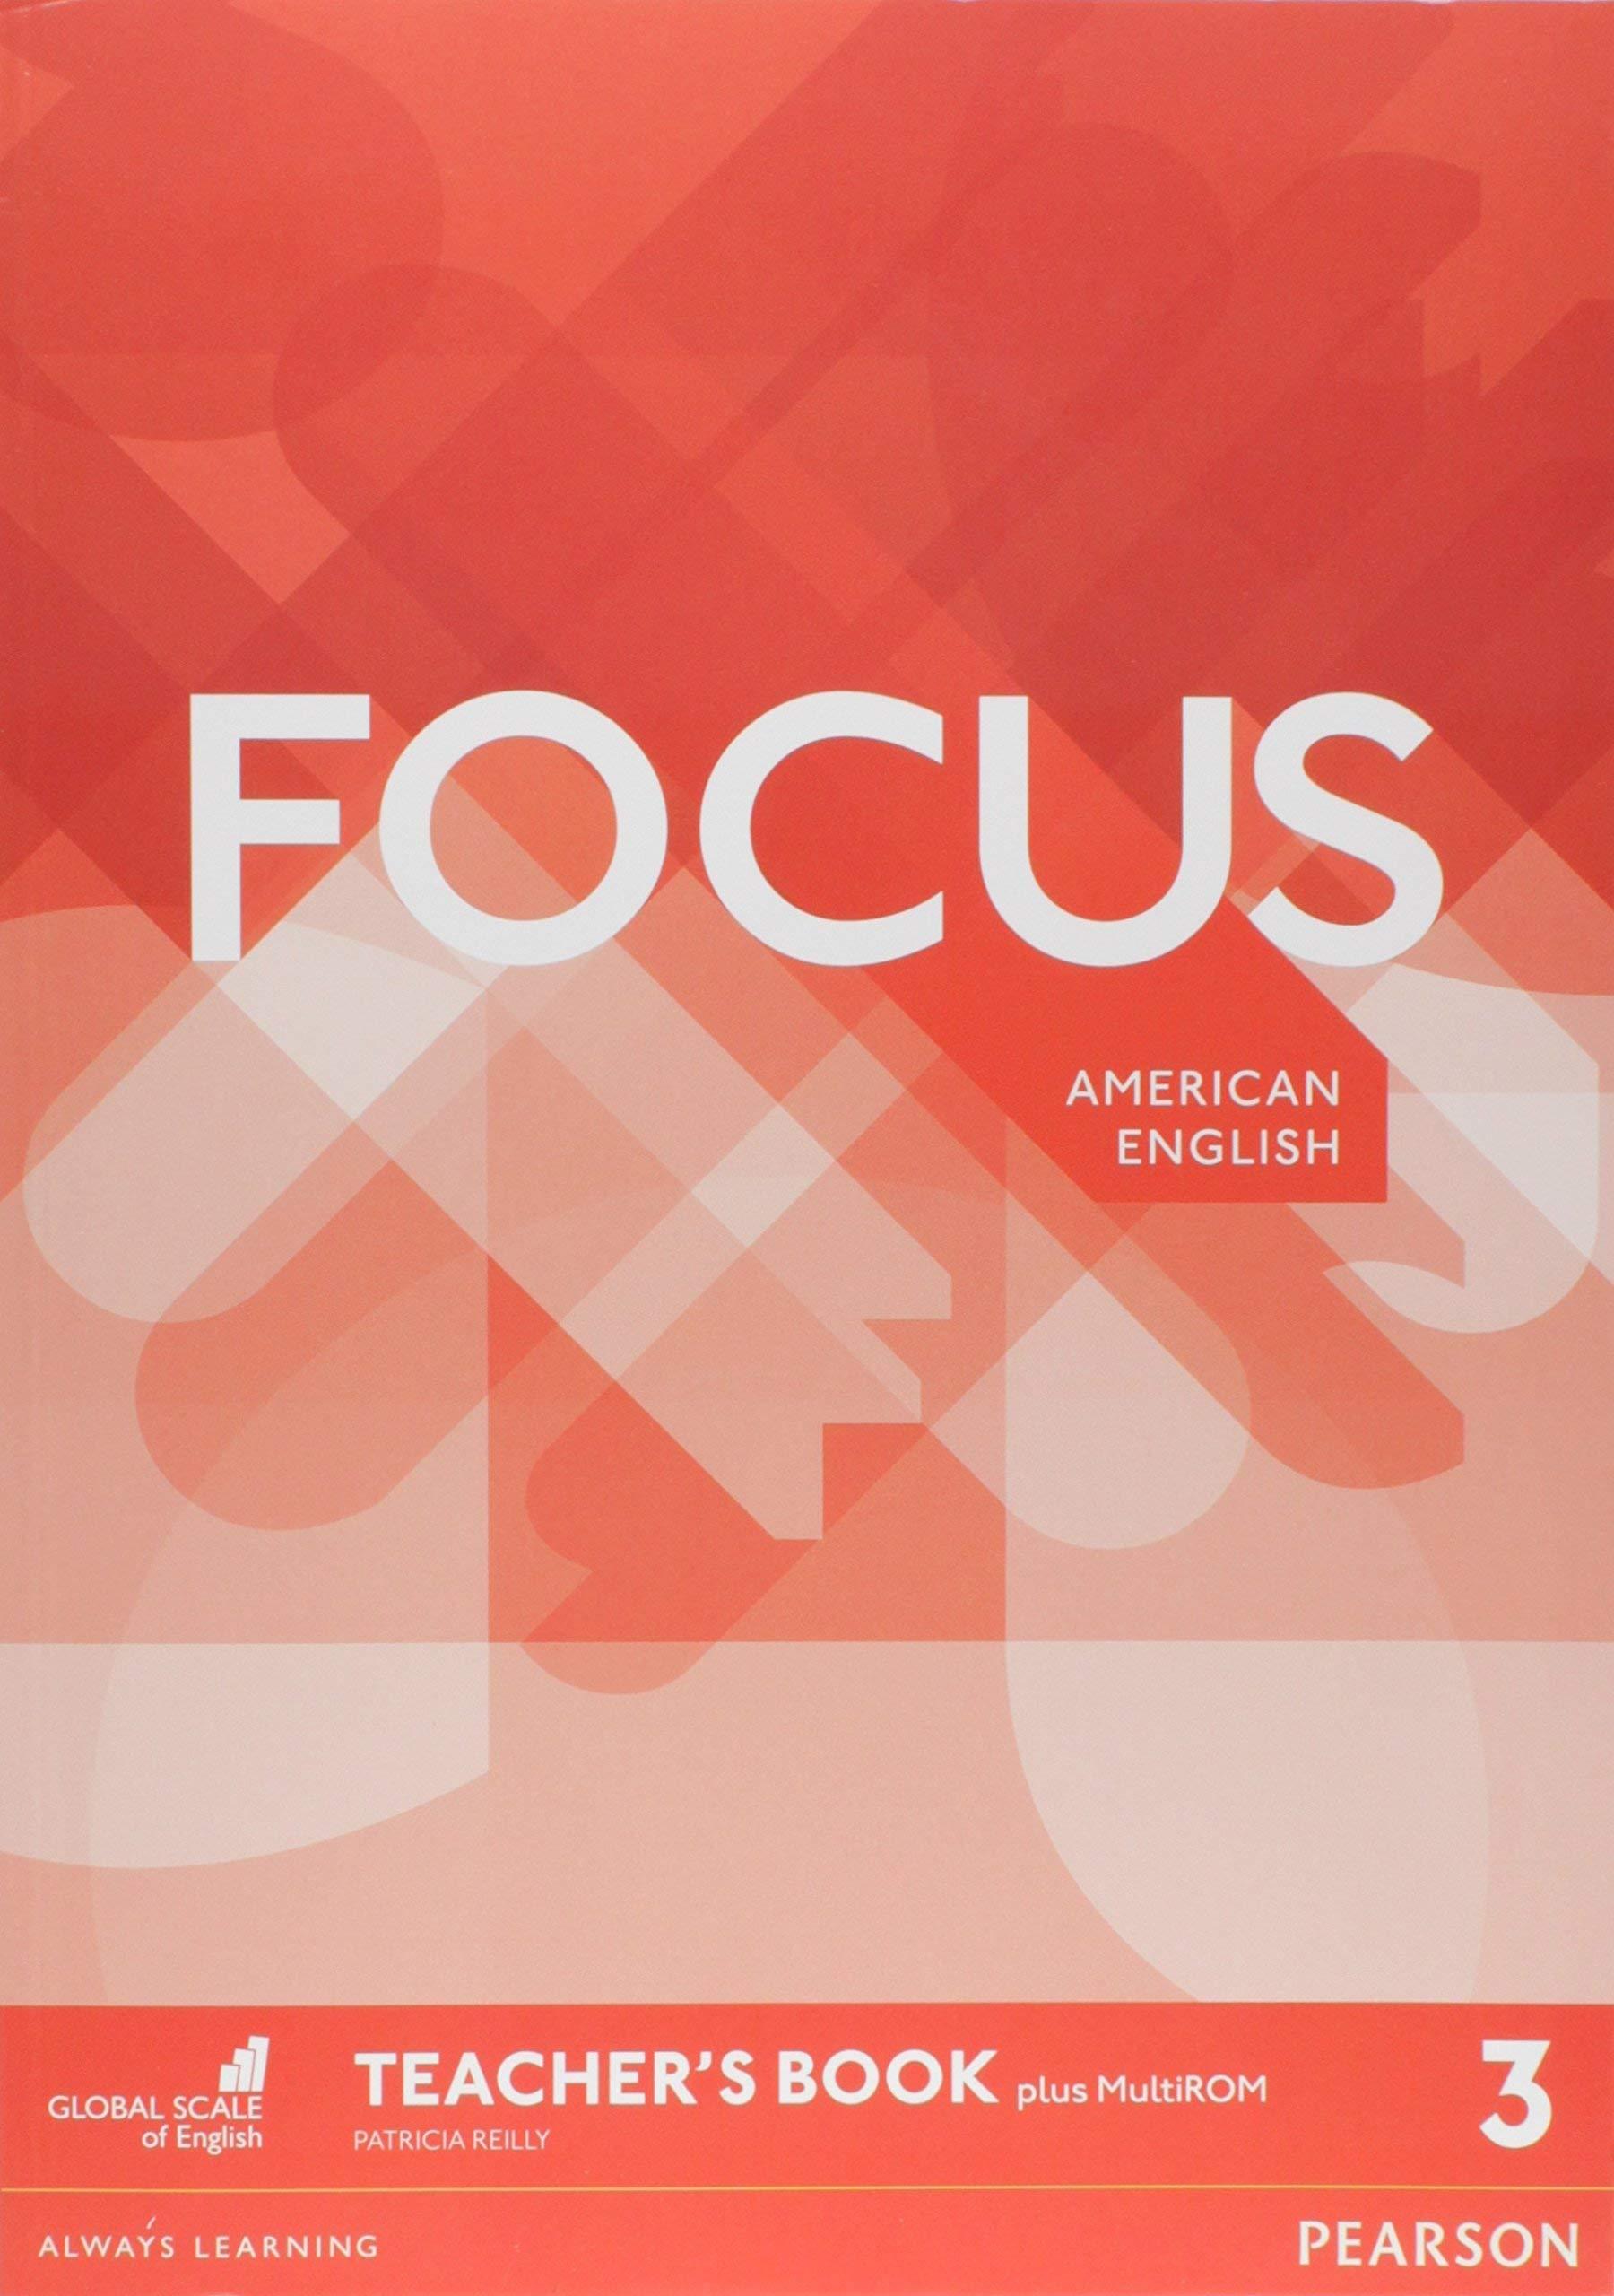 Focus AmE 3 Teachers Book & MultiROM Pack: Amazon.es: Reilly, Patricia: Libros en idiomas extranjeros